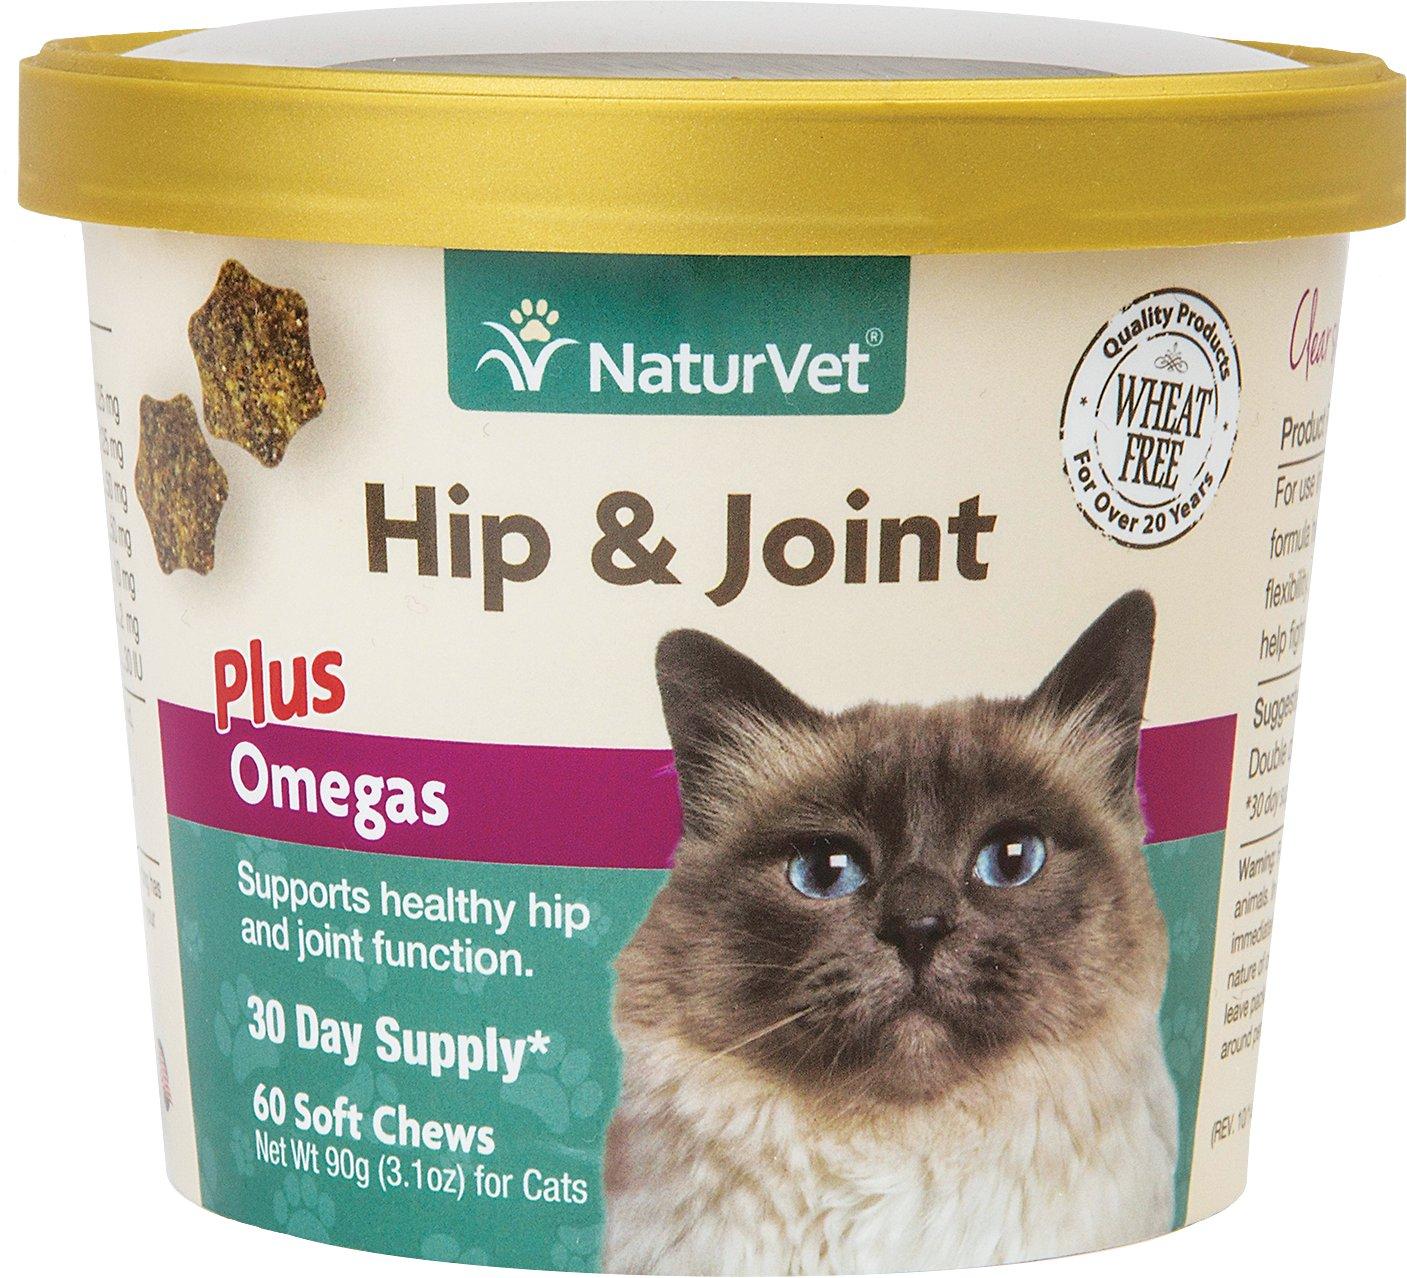 NaturVet Hip & Joint Plus Omegas Cat Soft Chews, 60-count